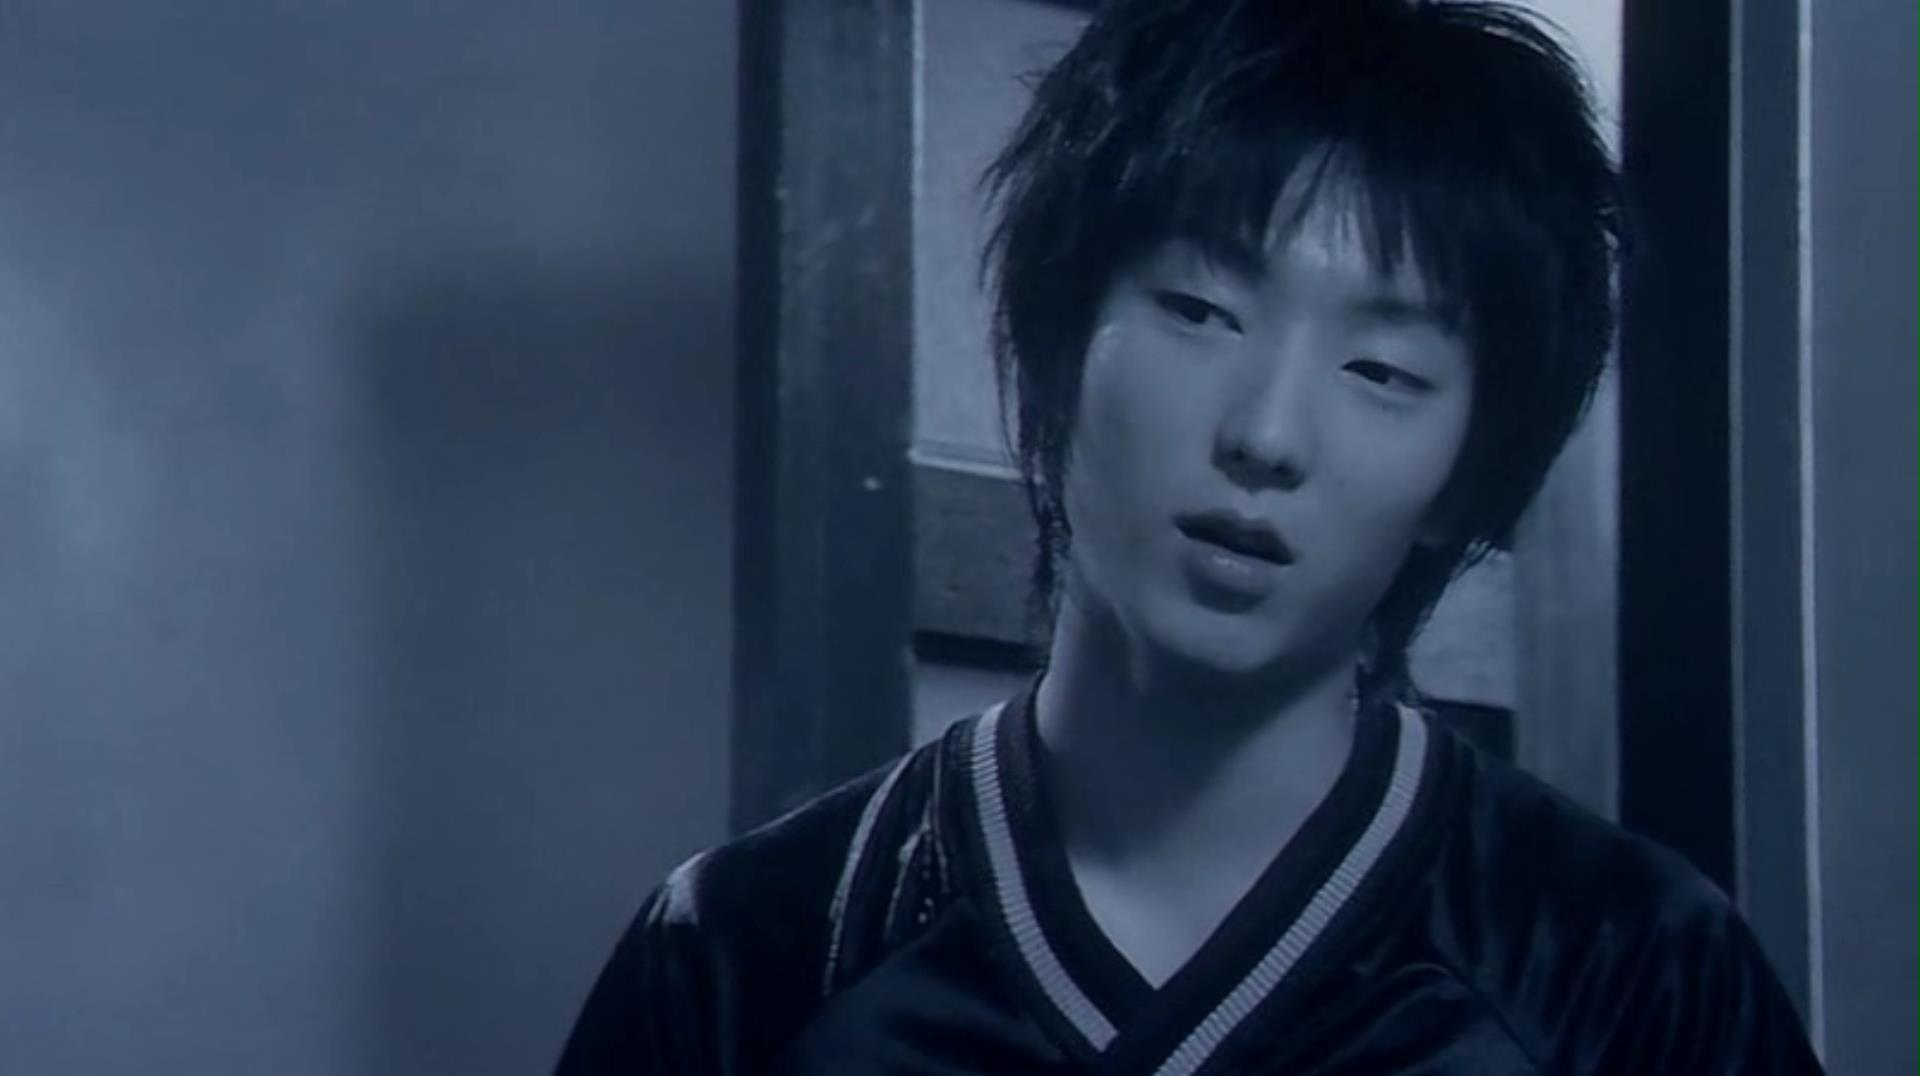 The Hotel Venus (2004) JunKi | Lee joon, Lee jun ki, Joon gi